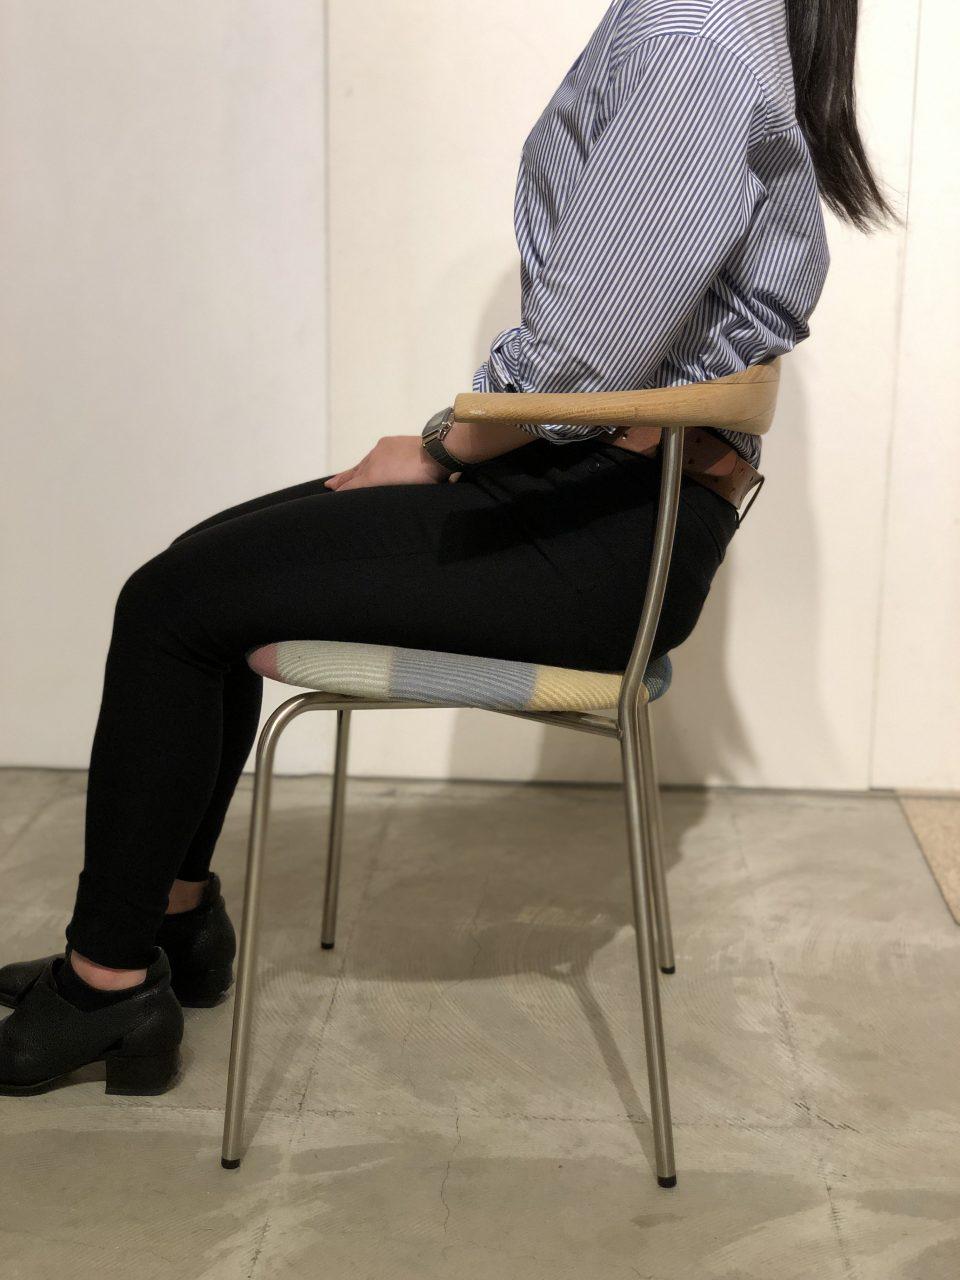 新潟市のインテリアショップ、ボー・デコールでお勧めしている椅子の正しい選び方